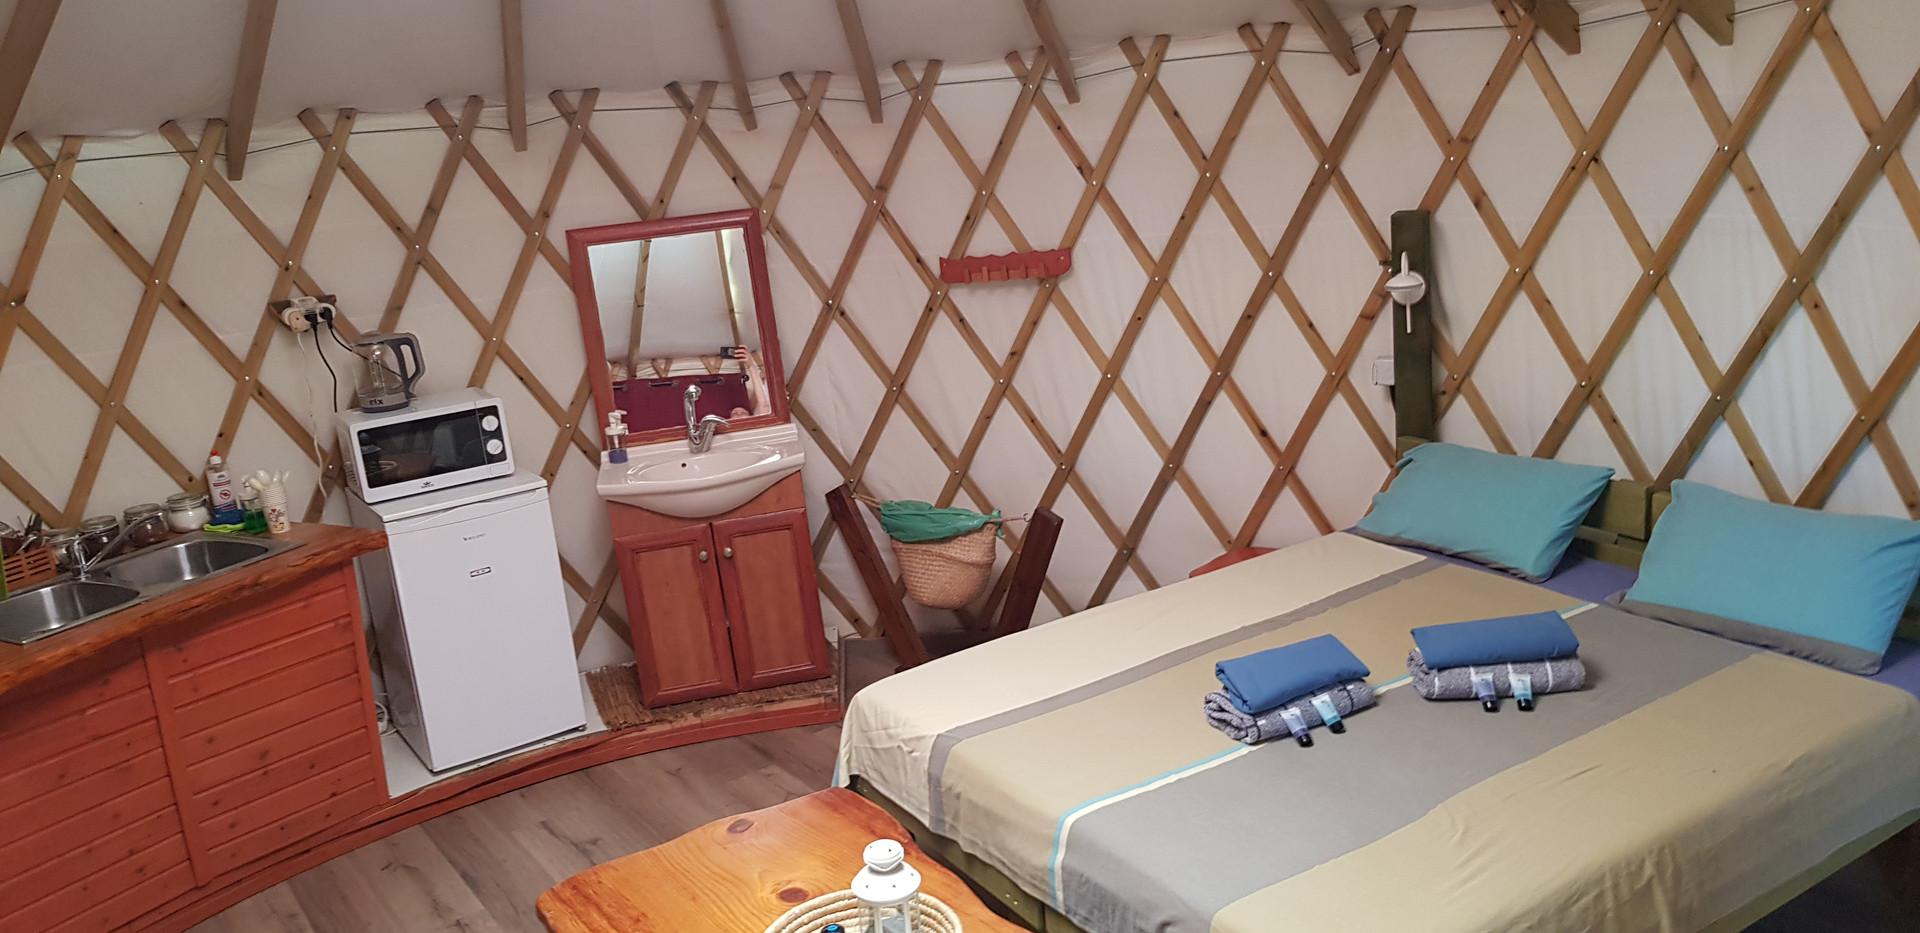 יורט זוגי- אוהל ממוזג.jpg